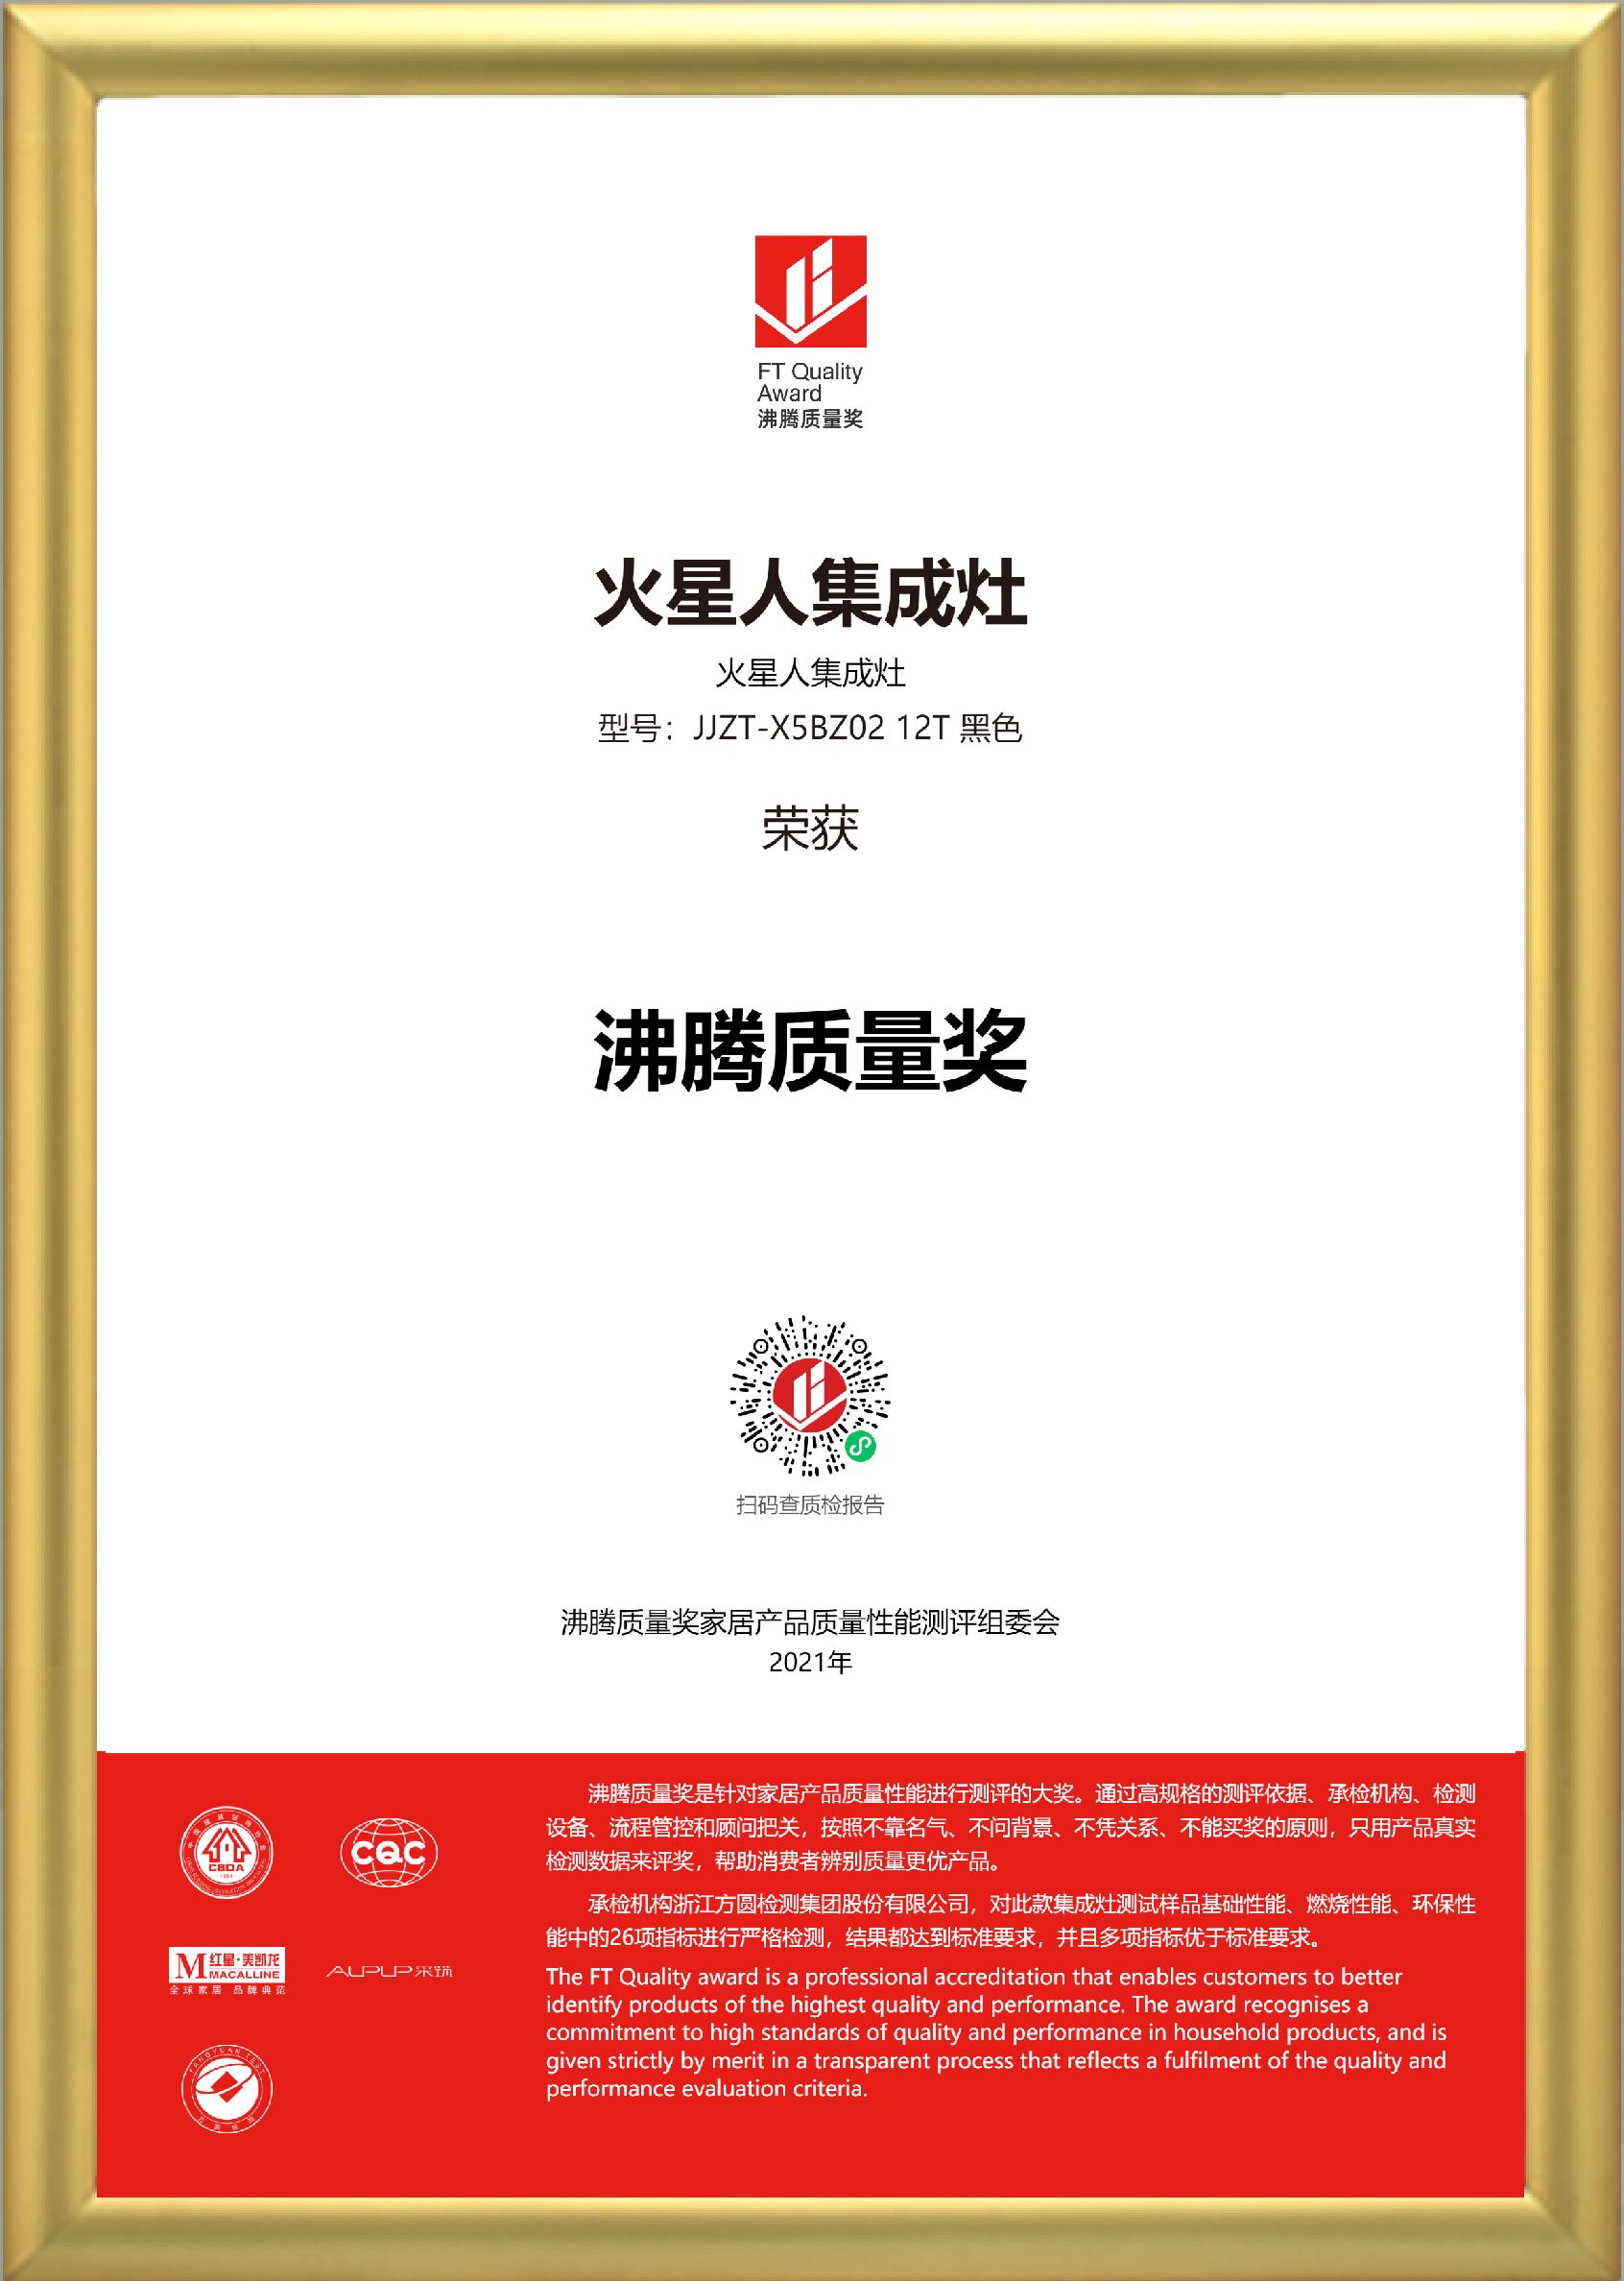 金框加持-获奖证书-火星人集成灶-集成灶-JJZT-X5BZ02 12T 黑色.png